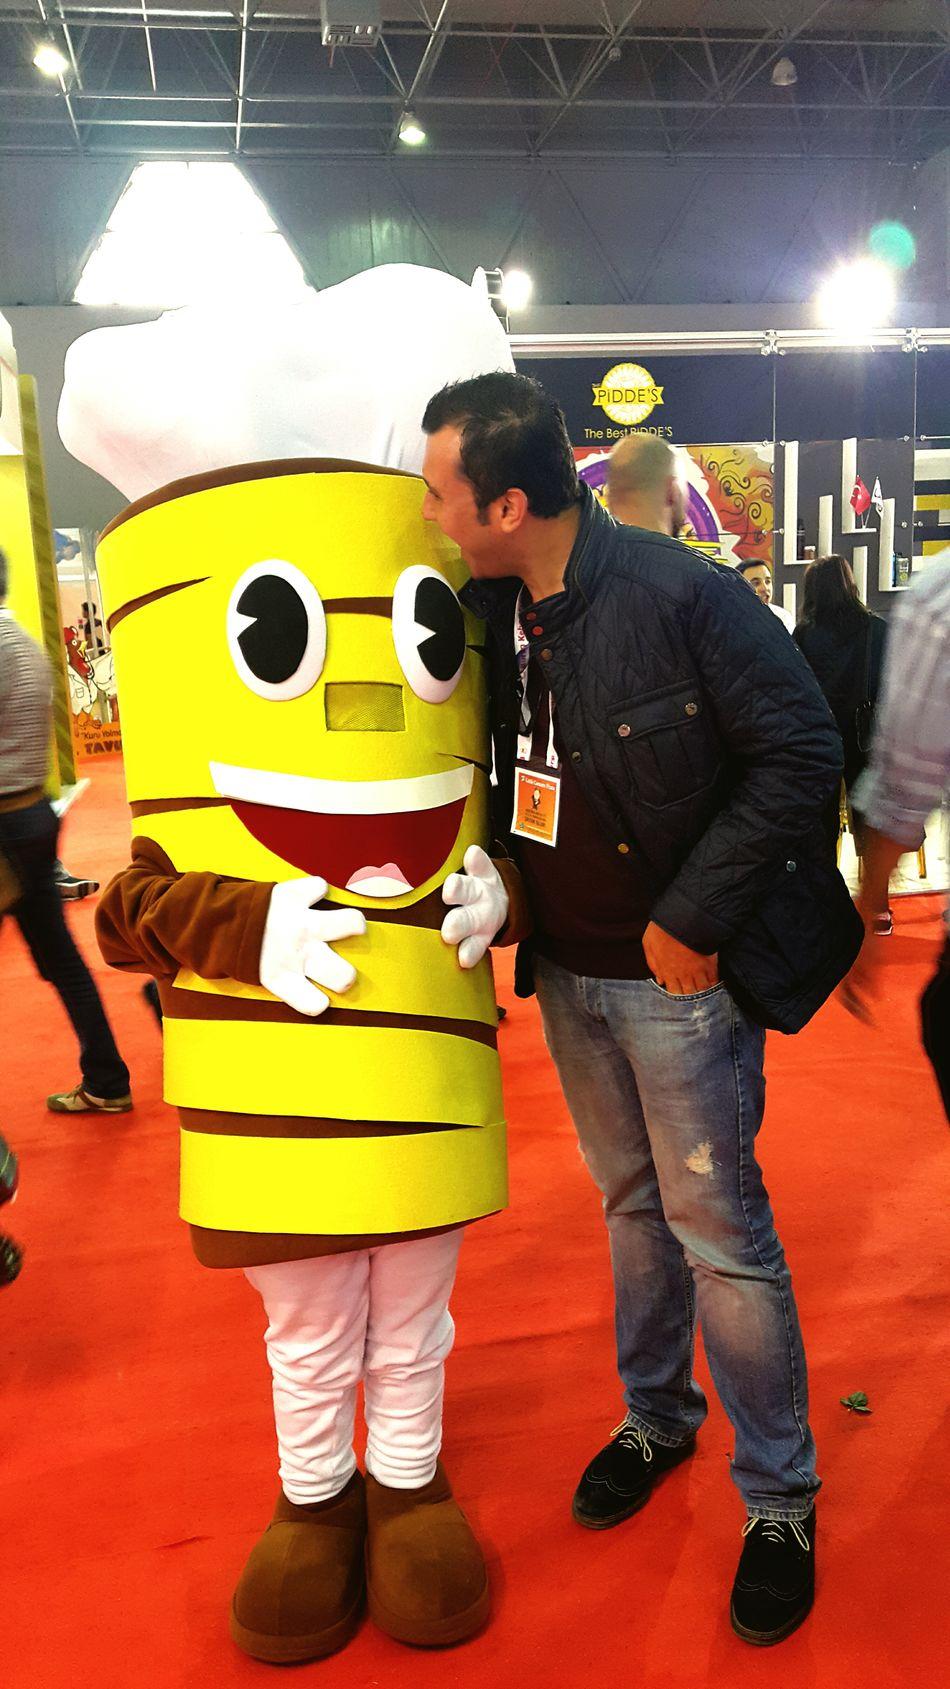 Döner bedava dediler, maskotu bile yemeyi düşündüm 😂 Expo 2015 Turkish Food Doner Kebab Istanbul Turkey